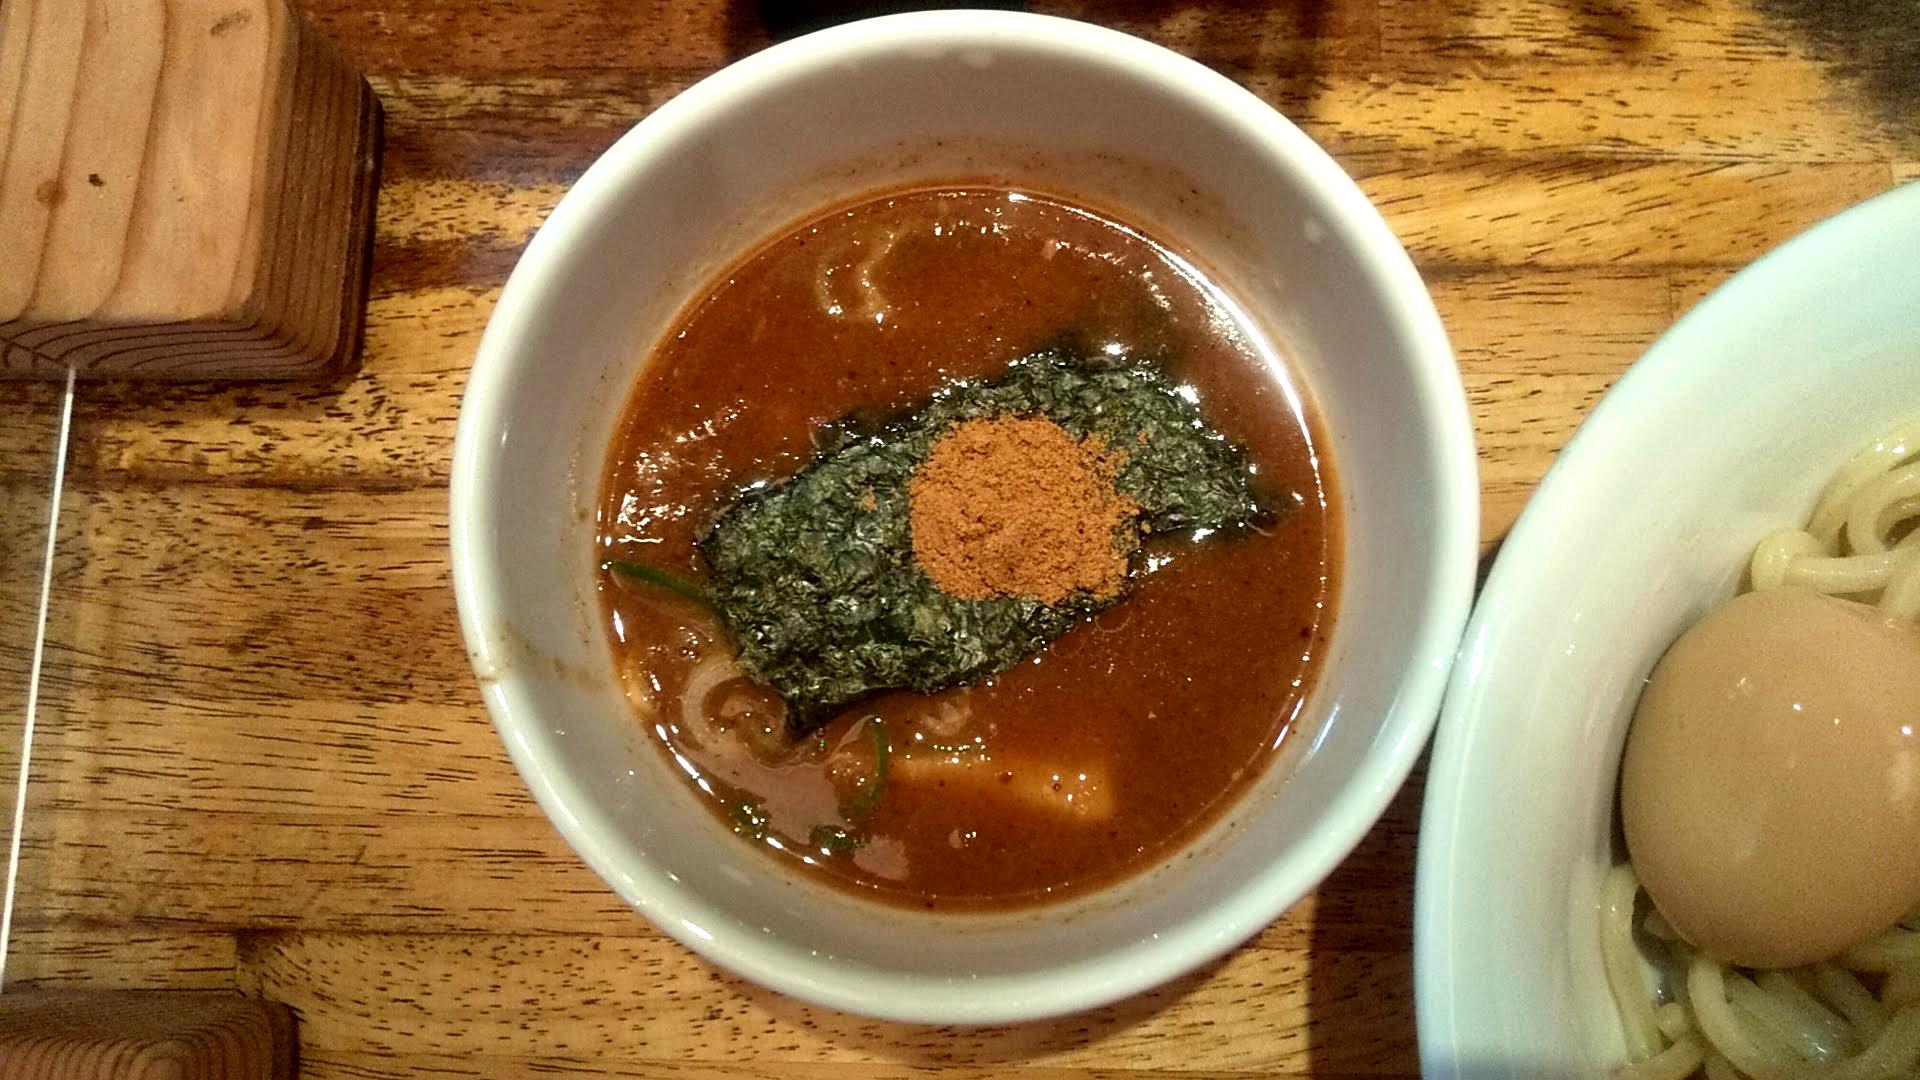 三田製麺所の朝つけ麺のつけ汁の写真